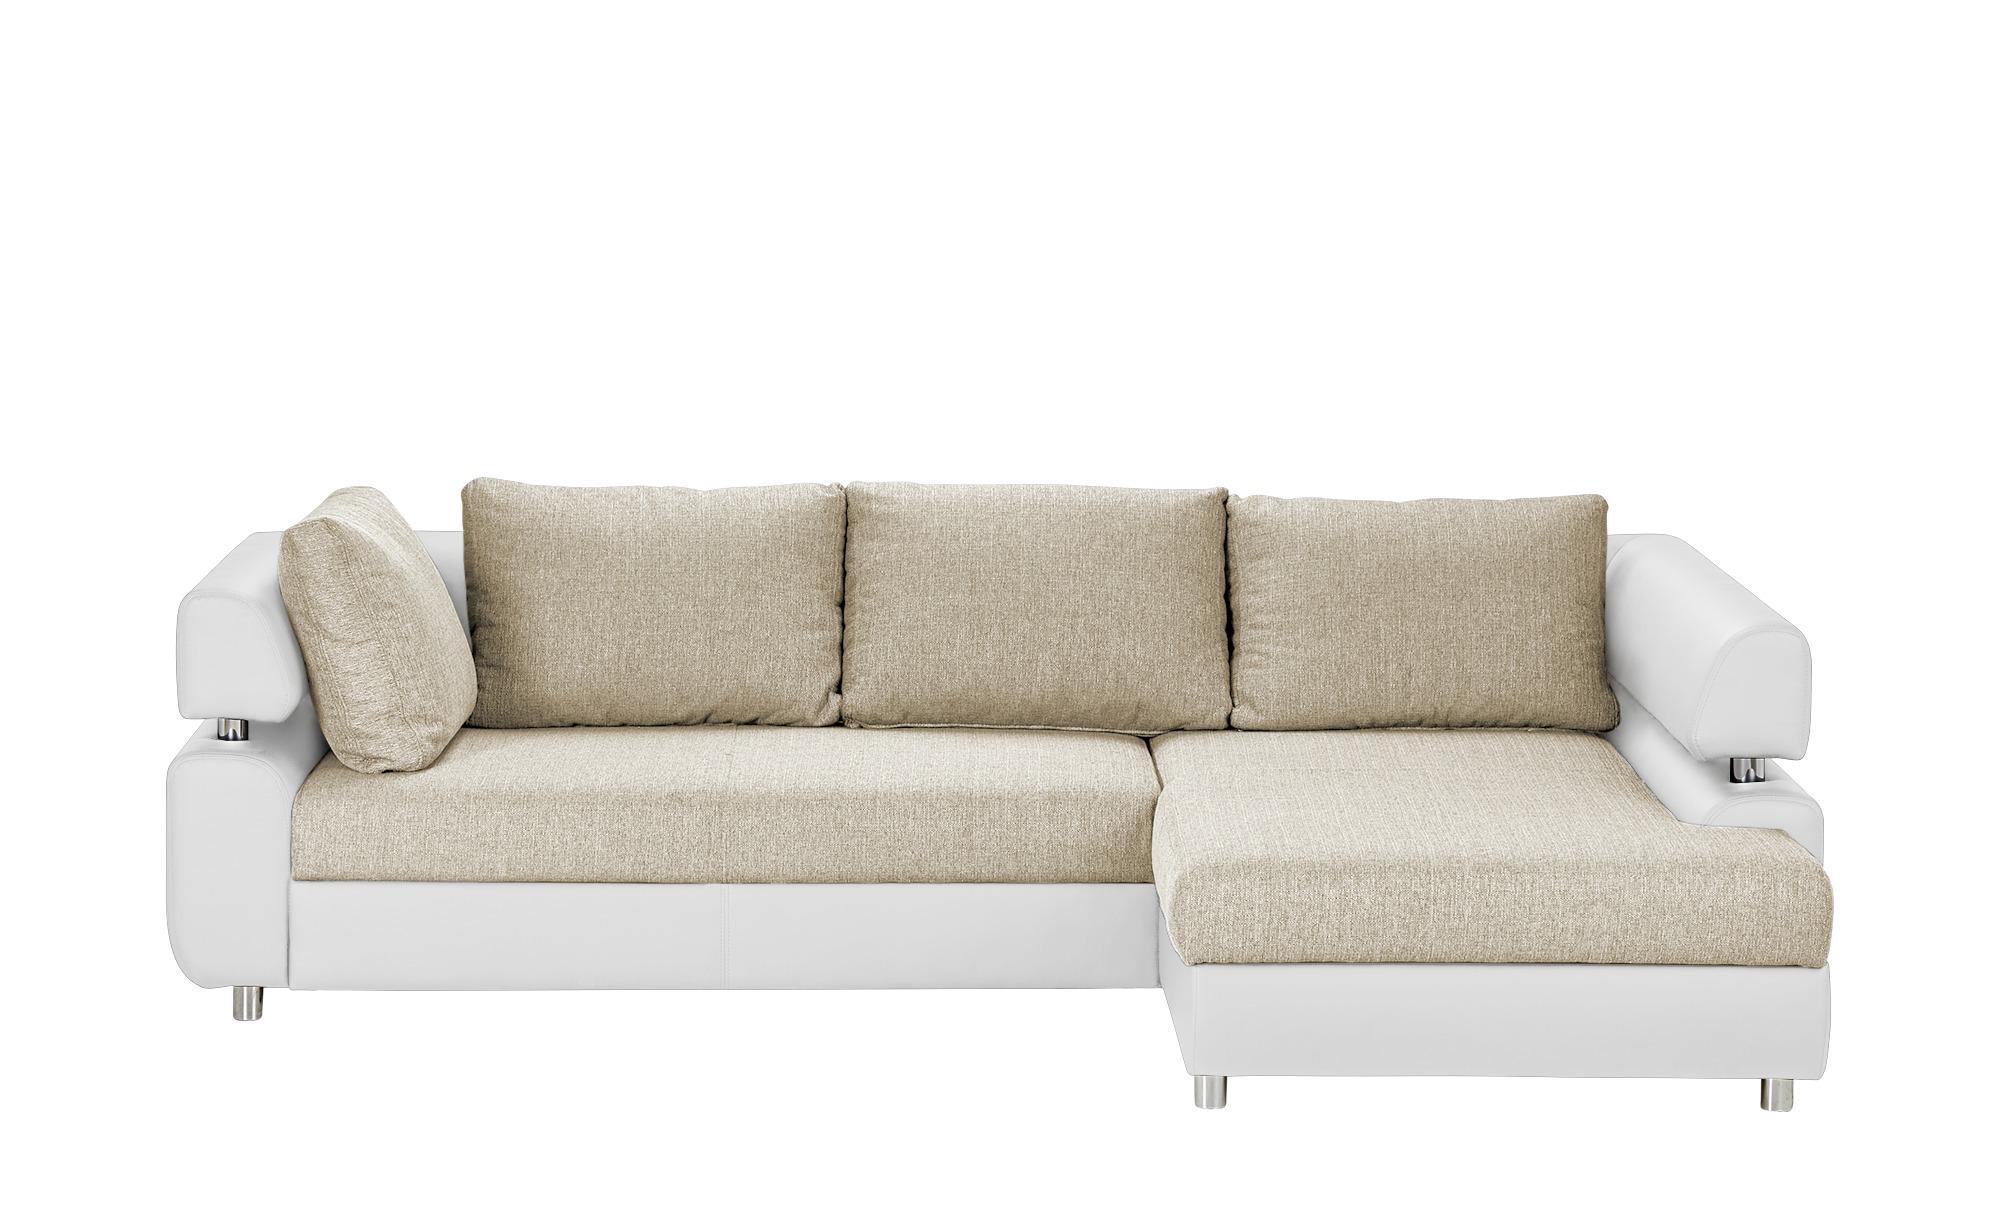 switch Ecksofa weiß/beige - Kunstleder/Webstoff Panama ¦ beige ¦ Maße (cm): H: 72 Polstermöbel > Sofas > Ecksofas - Höffner